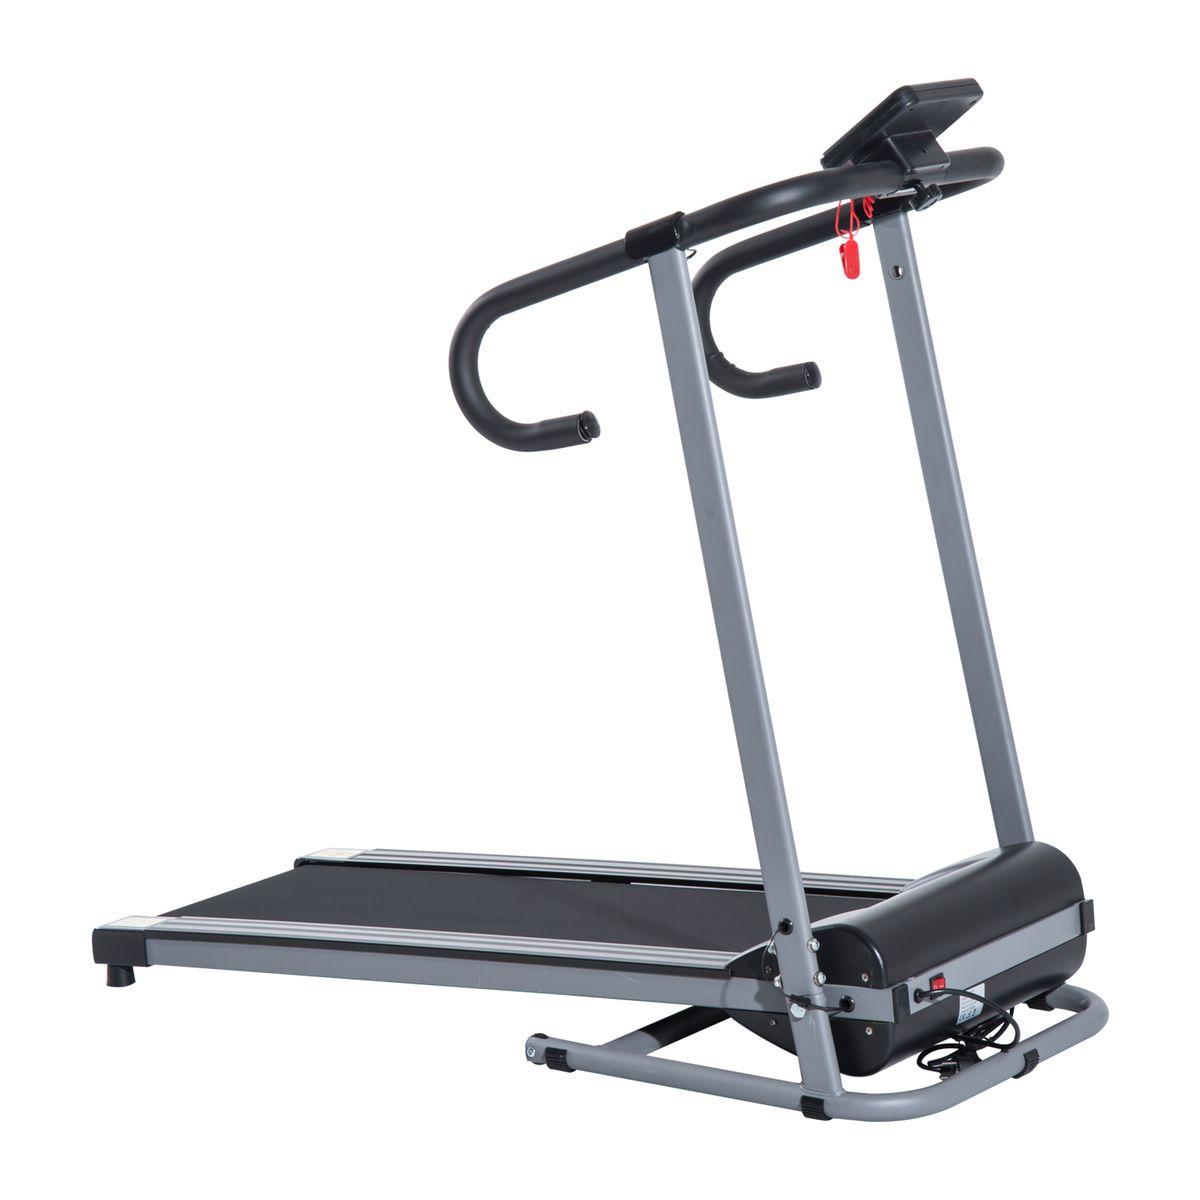 Tapis De Course Fitness Electrique Pliable Taille Taille Unique Tapis De Course Tapis De Course Pliable Et Course